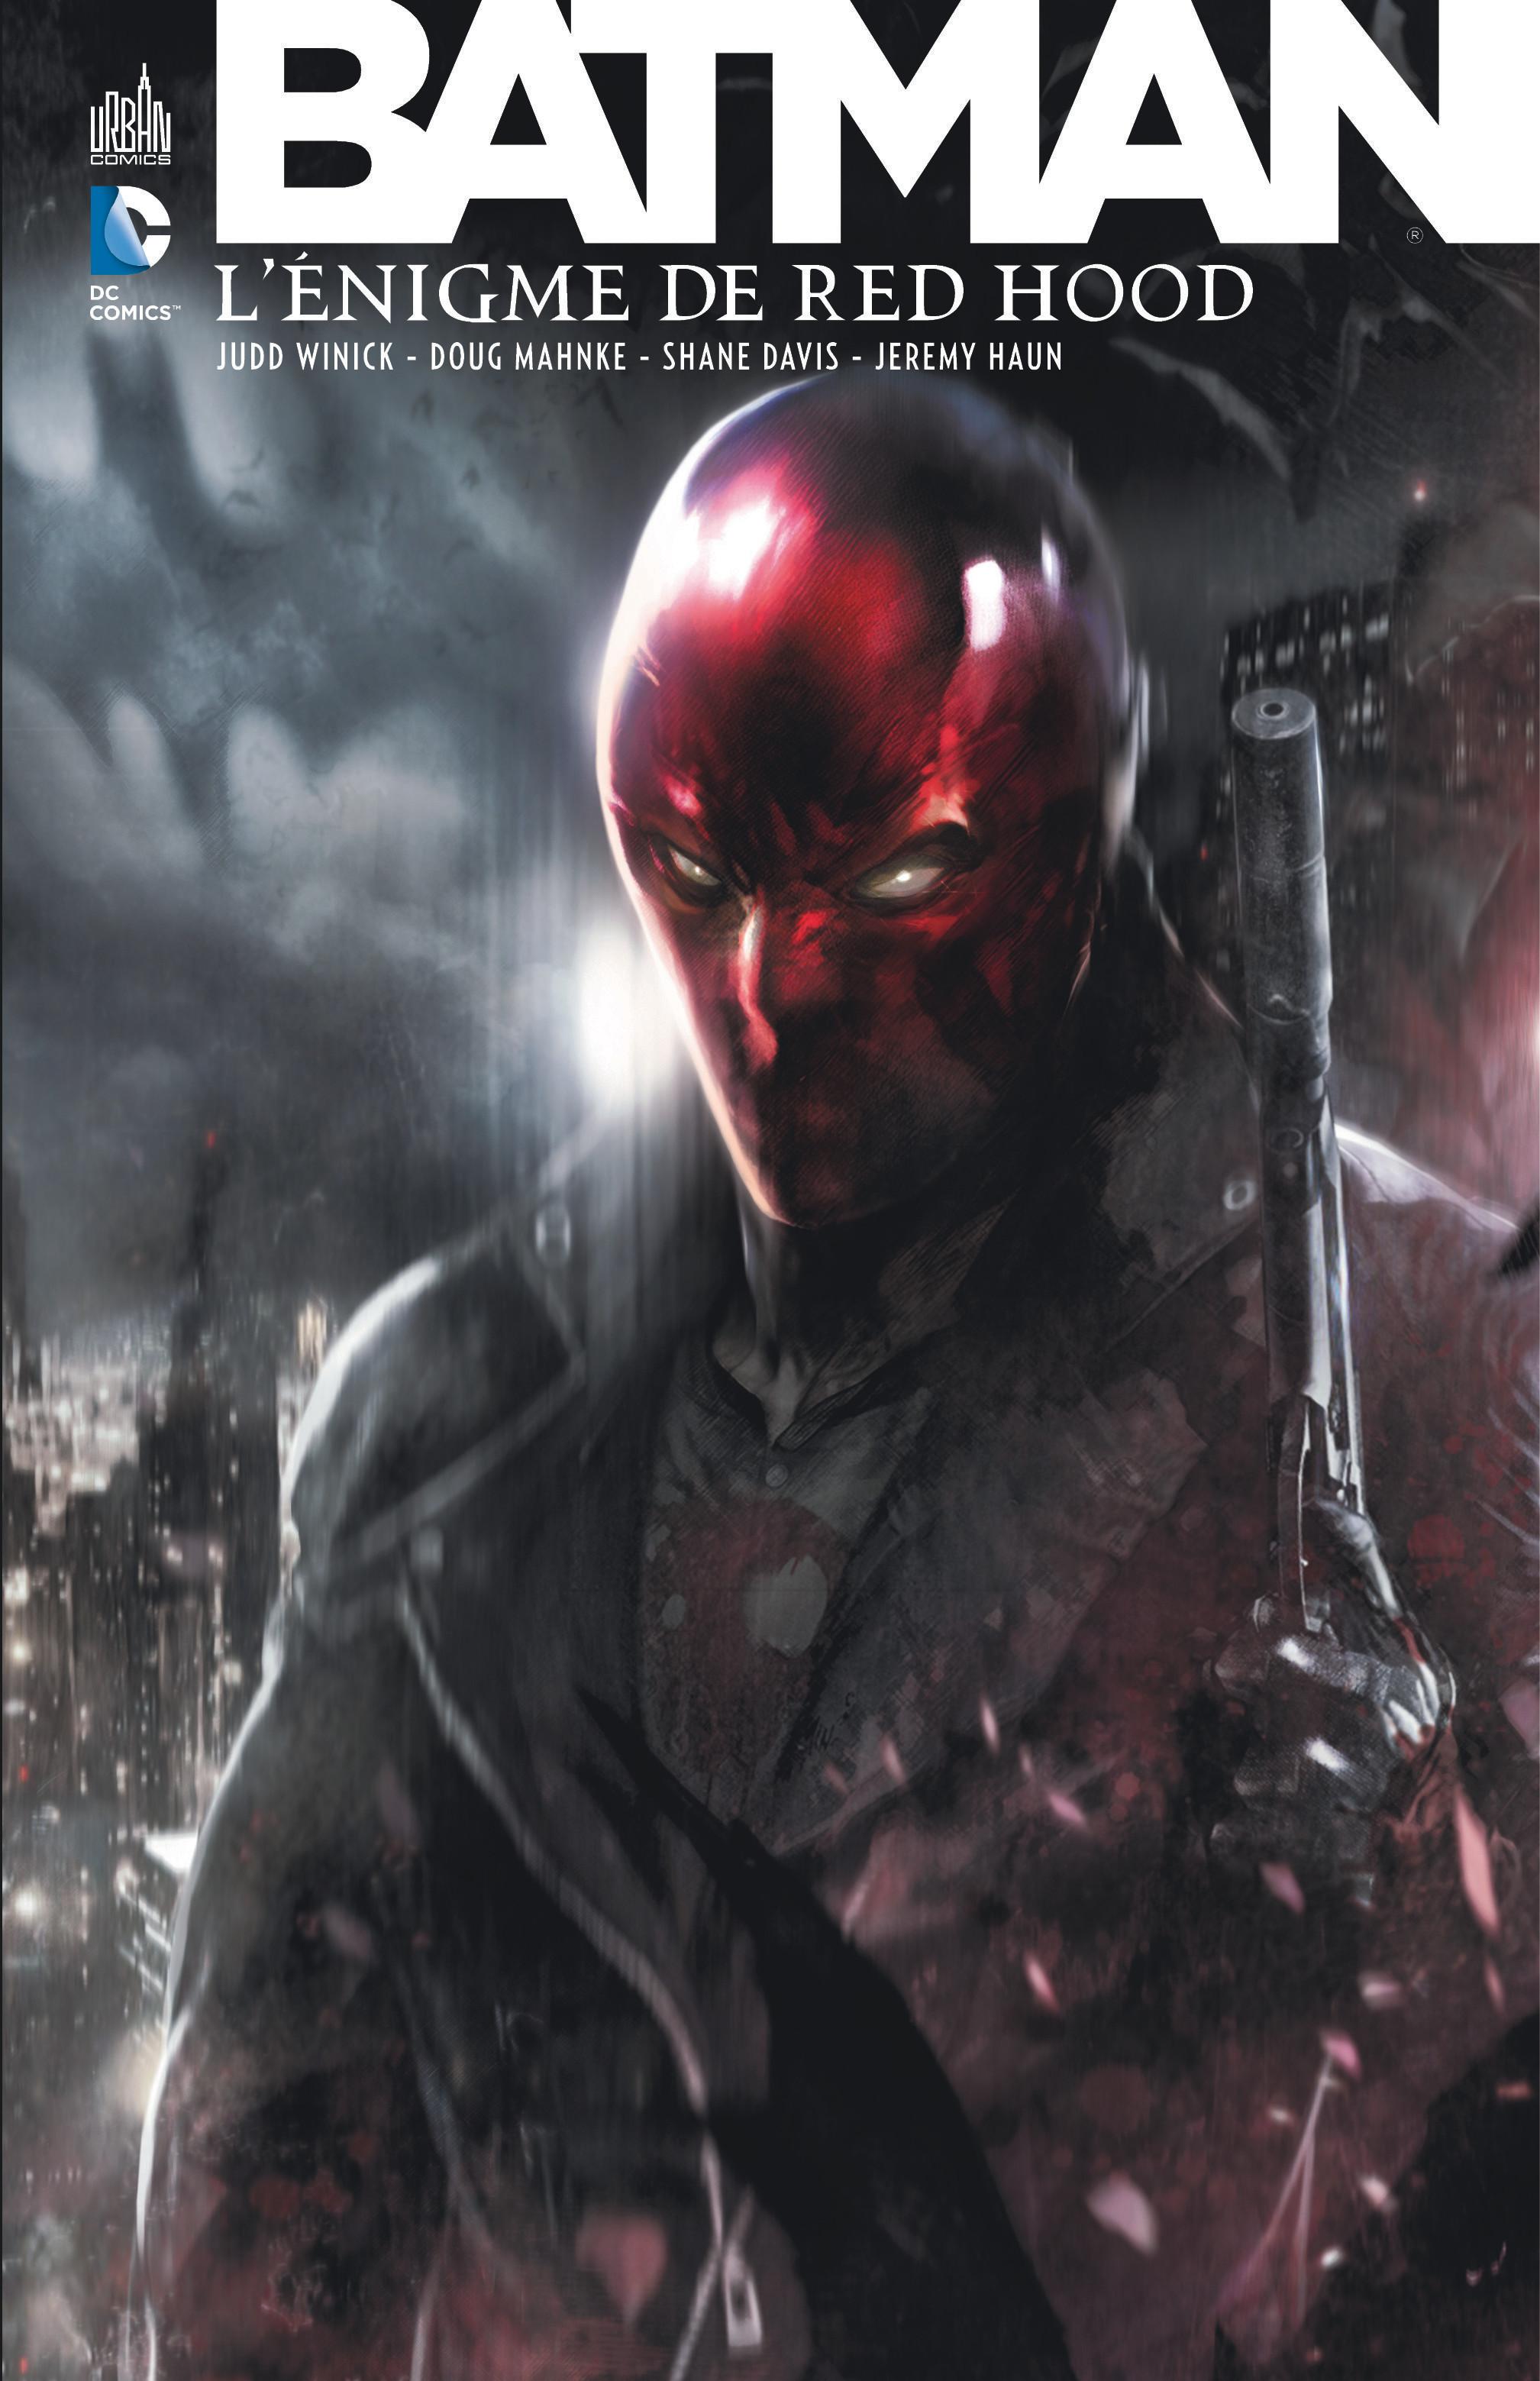 Batman - L'Enigme de Red Hood 1 - Batman - L'énigme de Red Hood